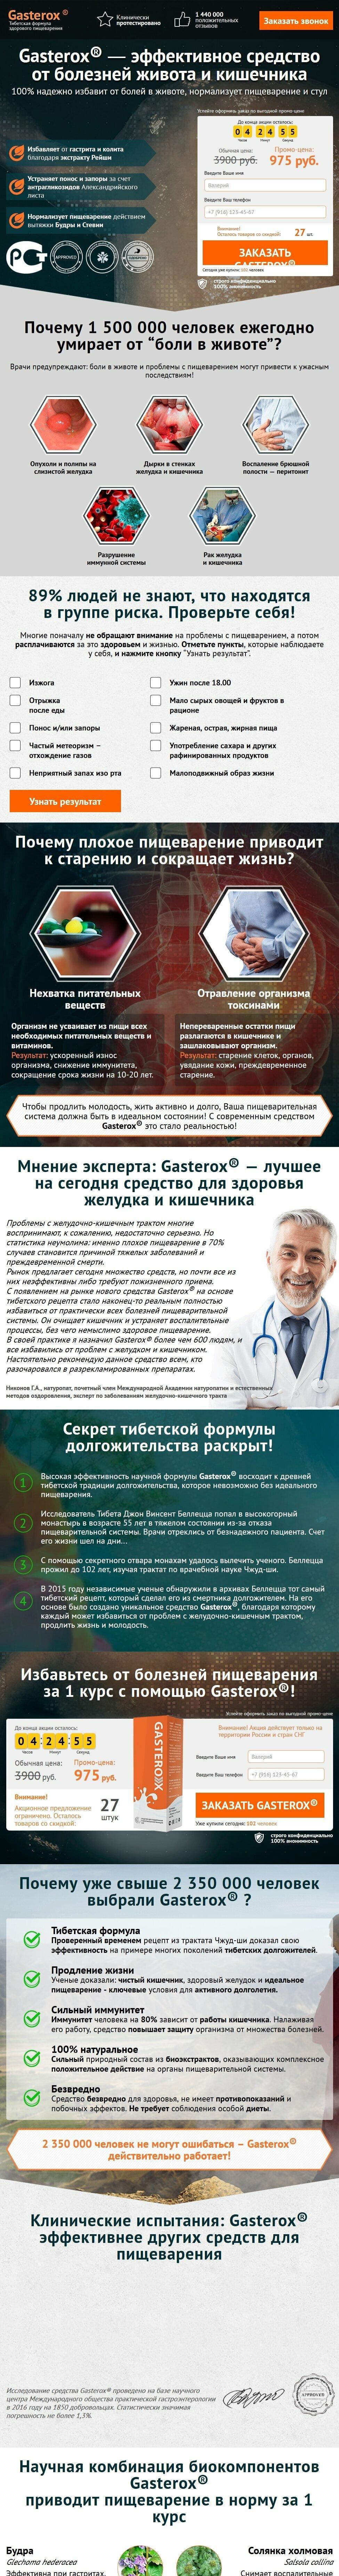 Gasterox от болезней живота и кишечника